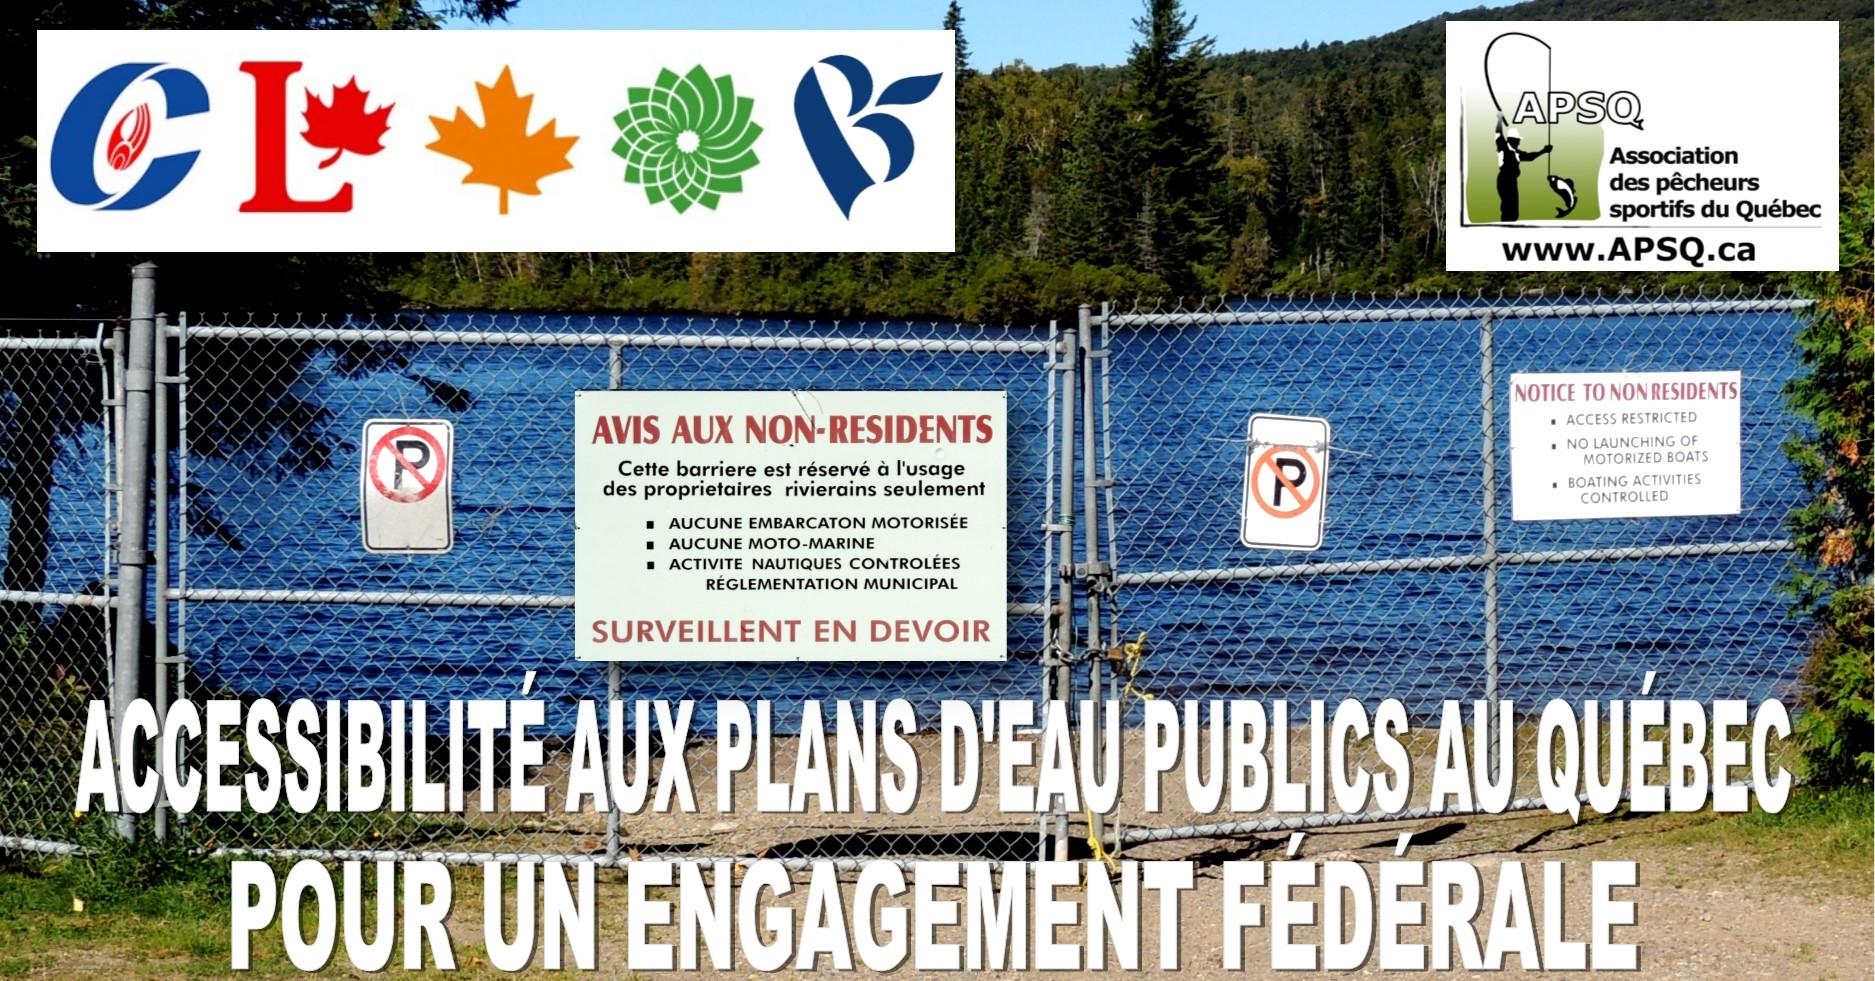 L'accès aux plans d'eau publics au Québec est un enjeu politique